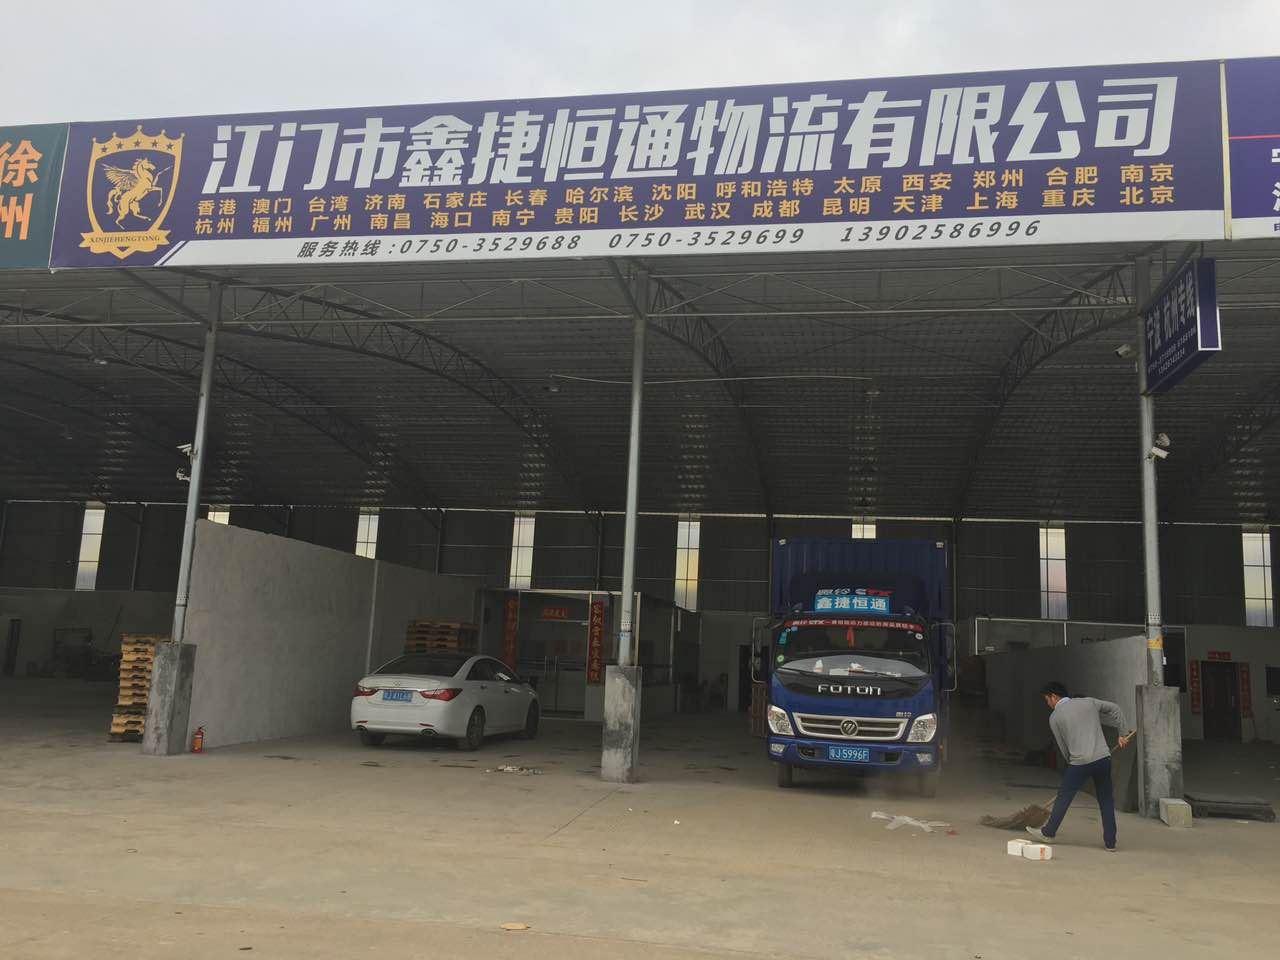 江门到沧州物流专线(江门市鑫捷恒通物流有限公司)